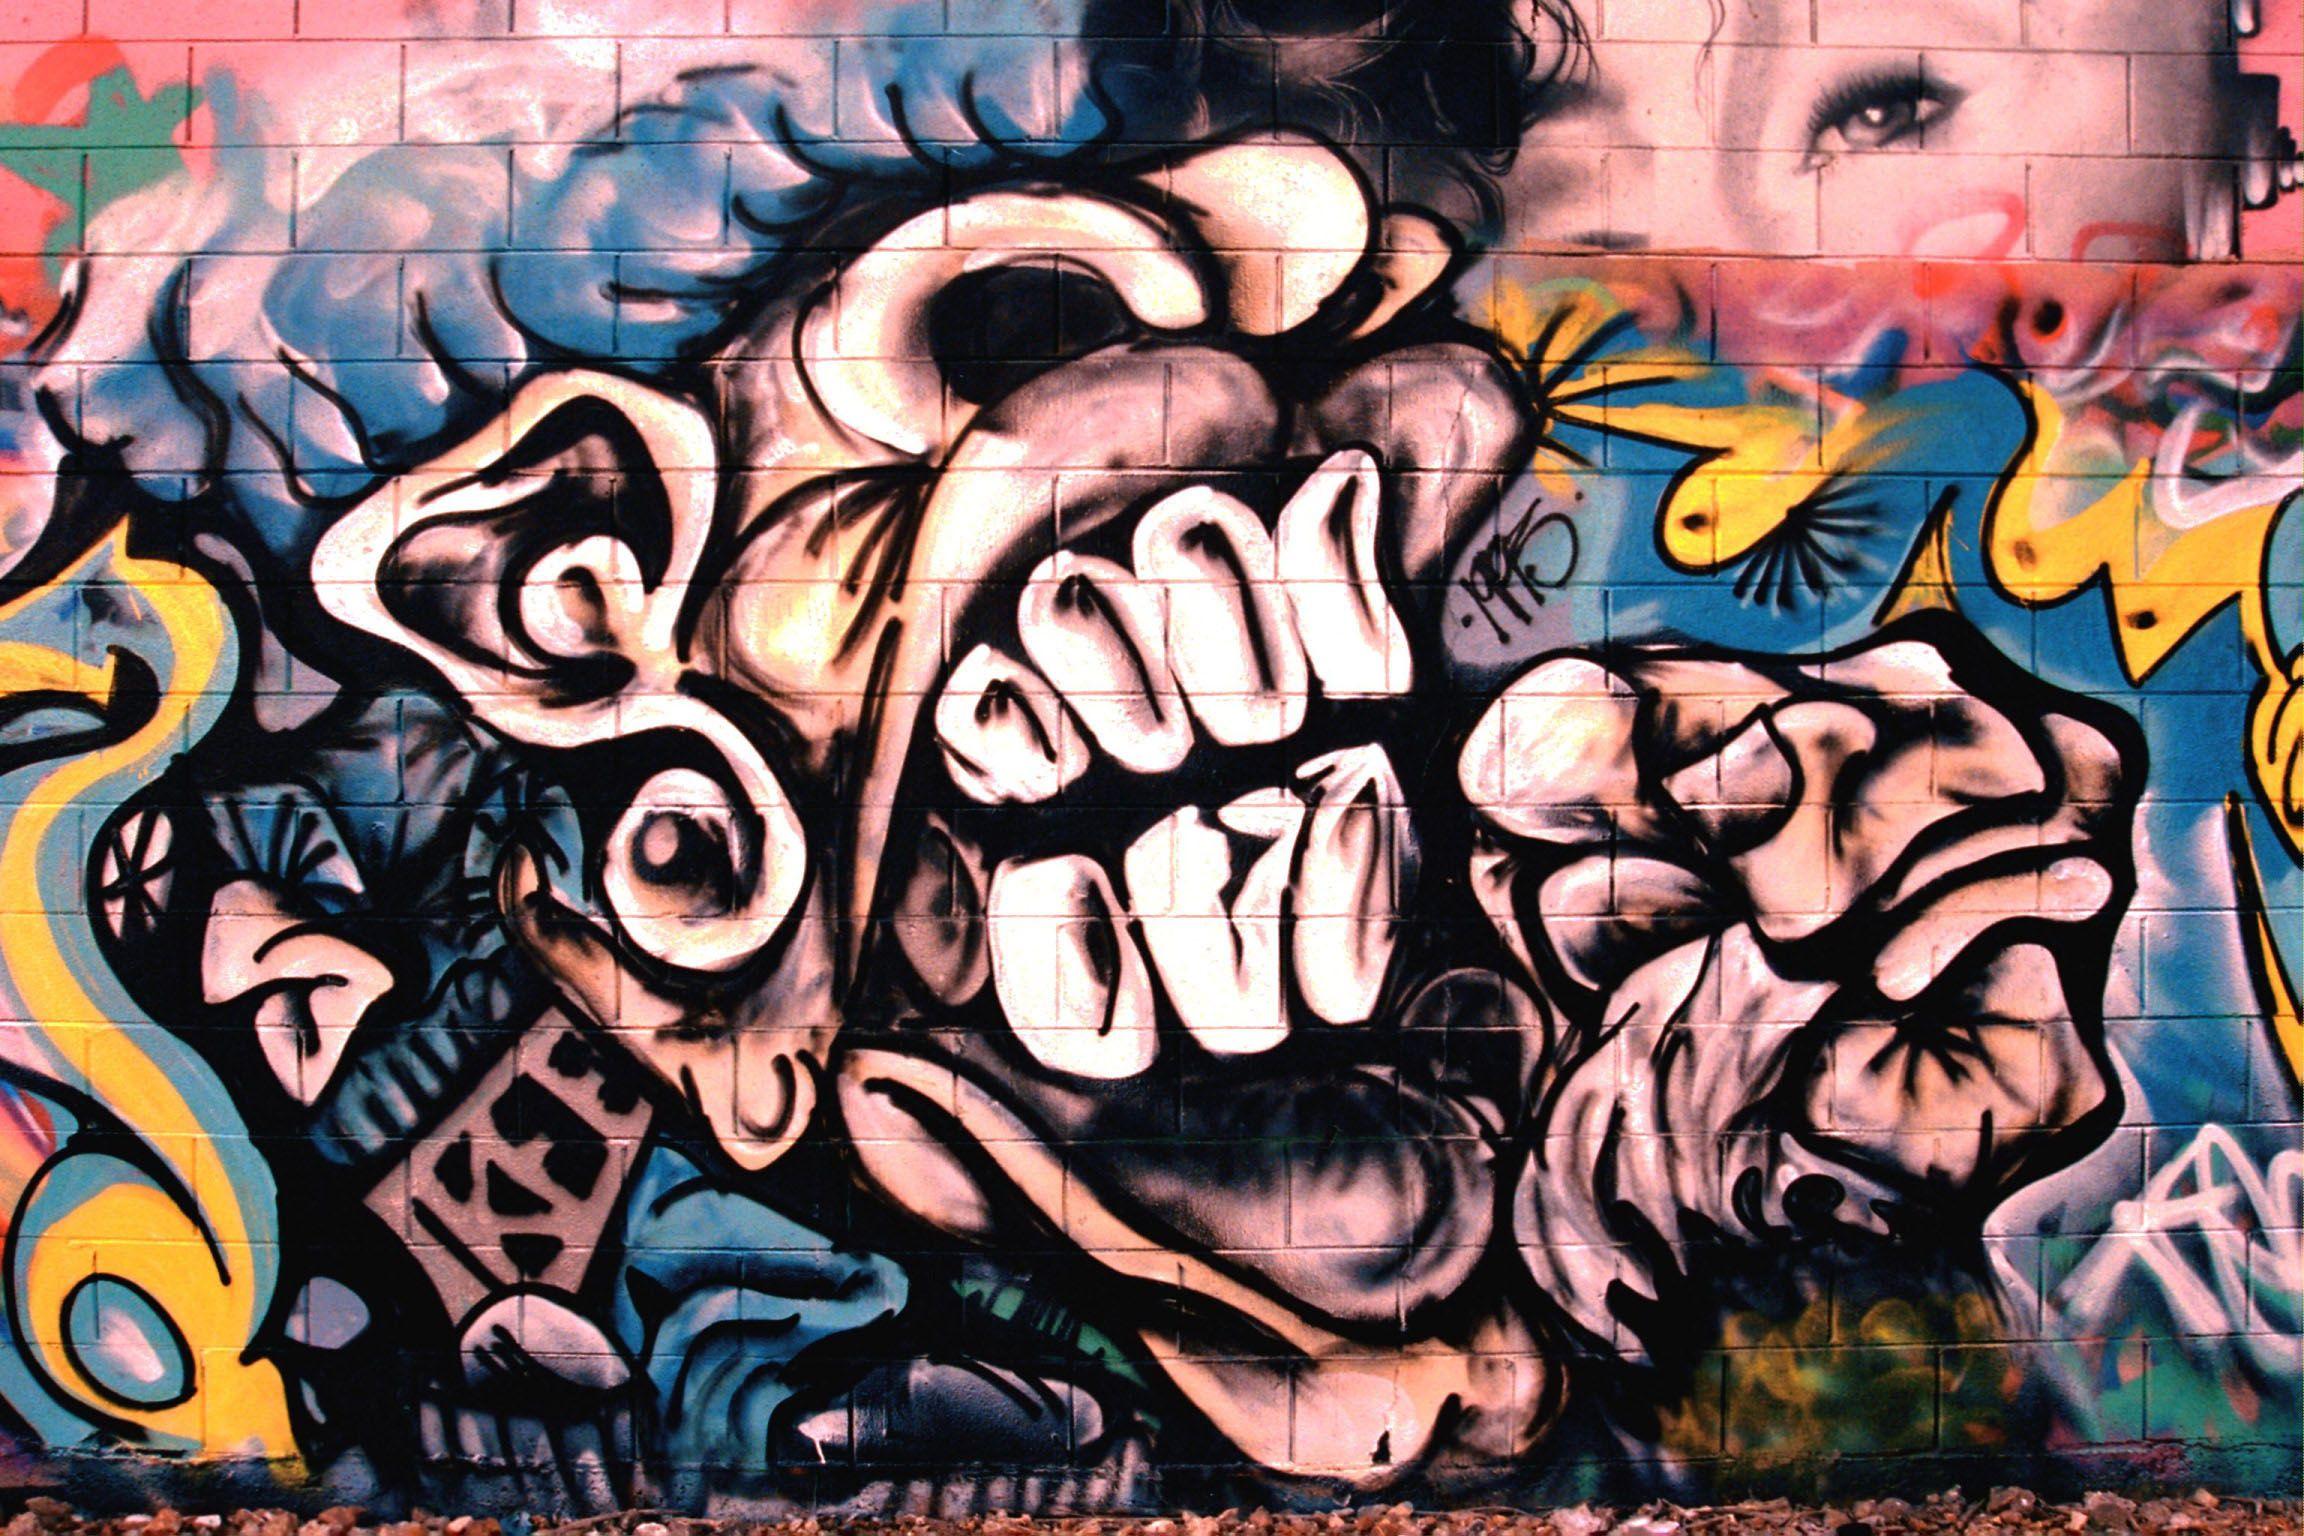 Graffiti art wallpaper iphone - Download Free Graffiti Wallpaper Images For Laptop Desktops 1024 928 Free Graffiti Wallpapers 40